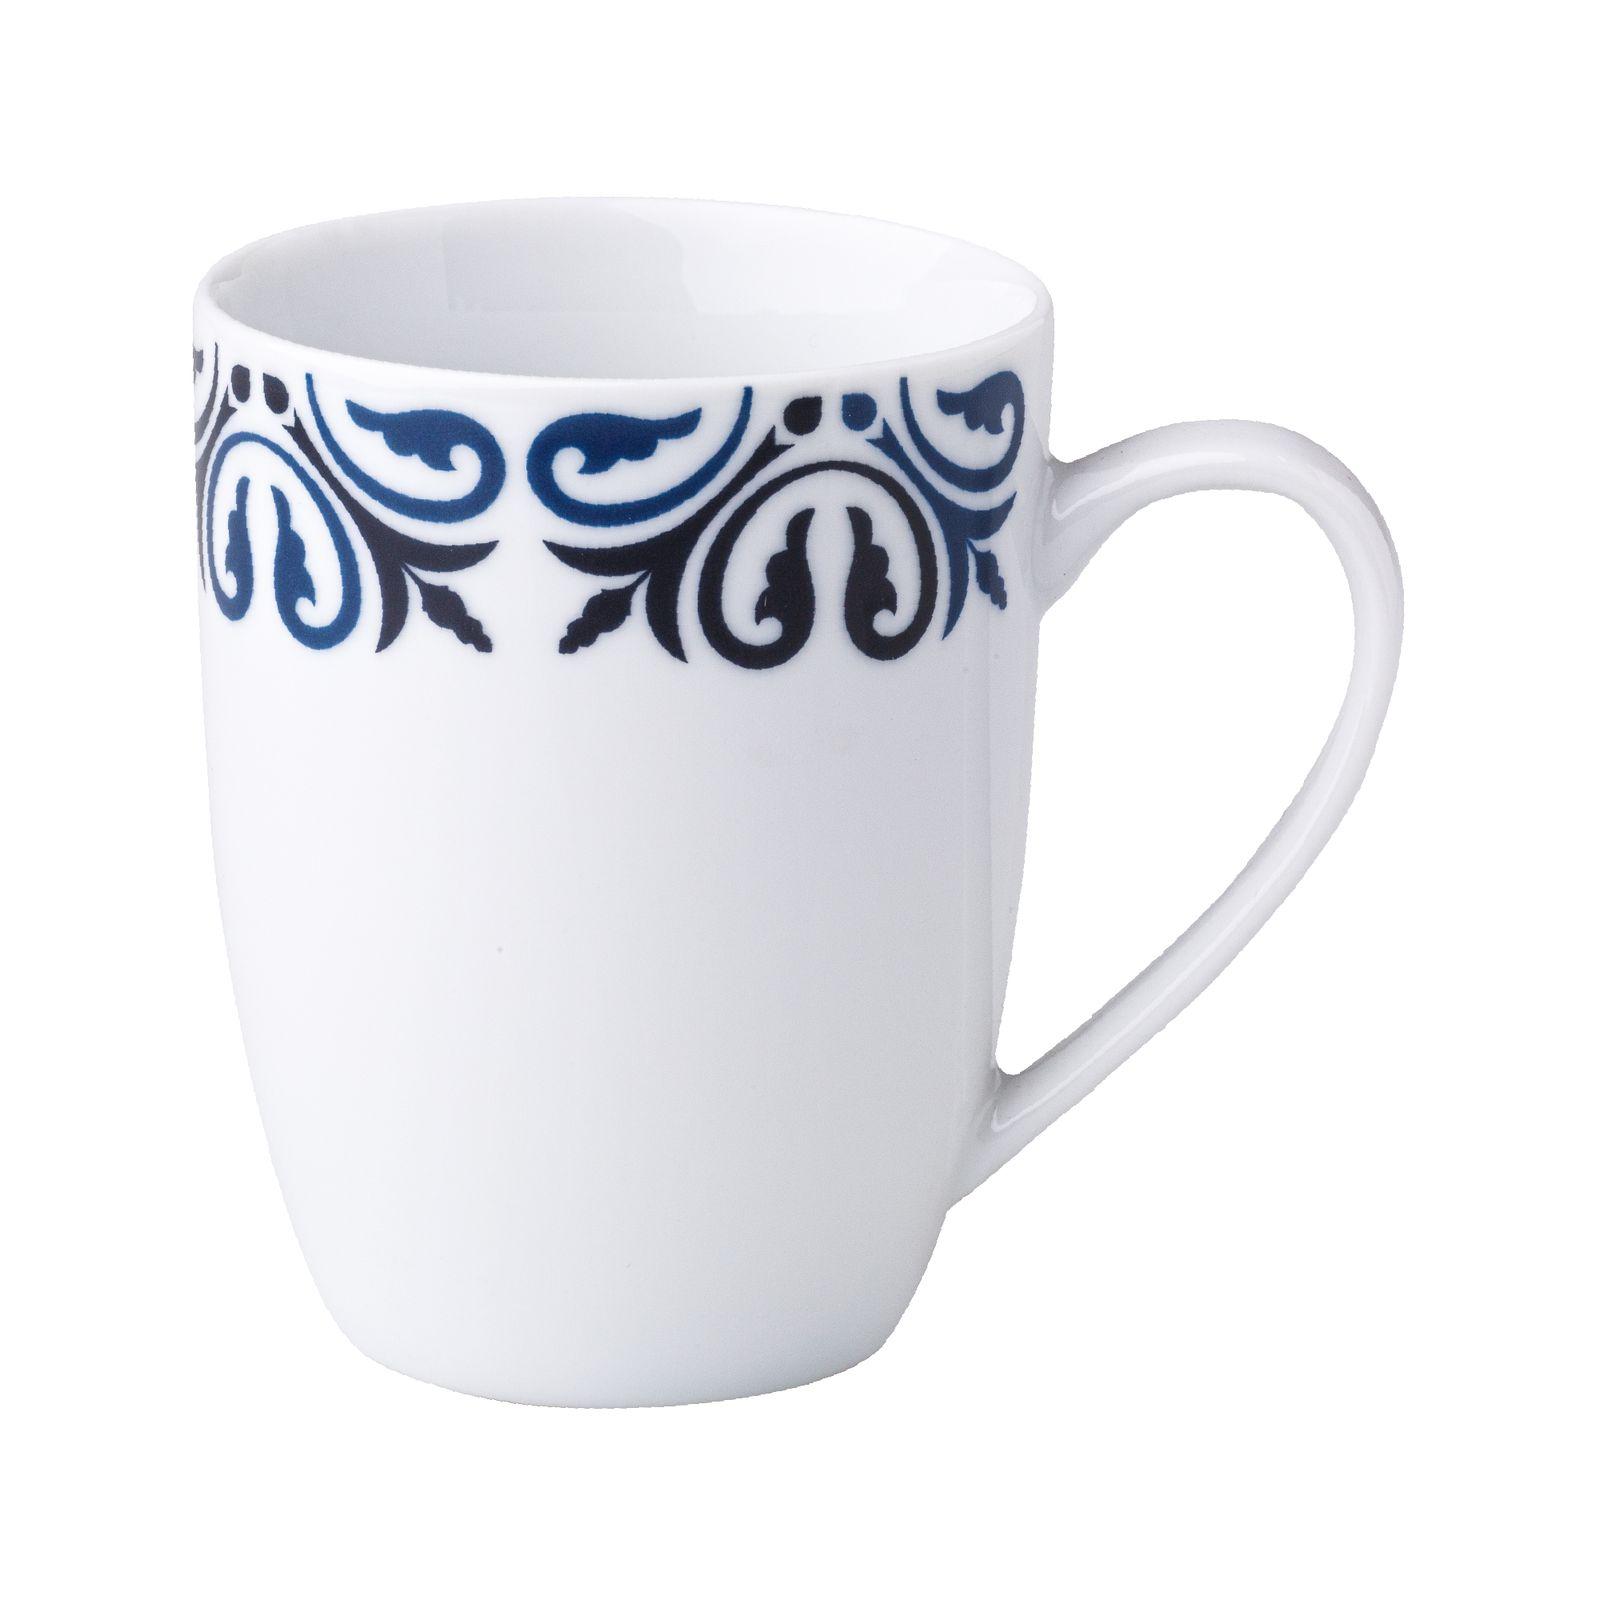 Tasse en porcelaine Marocco blue navy 37 cl AMBITION